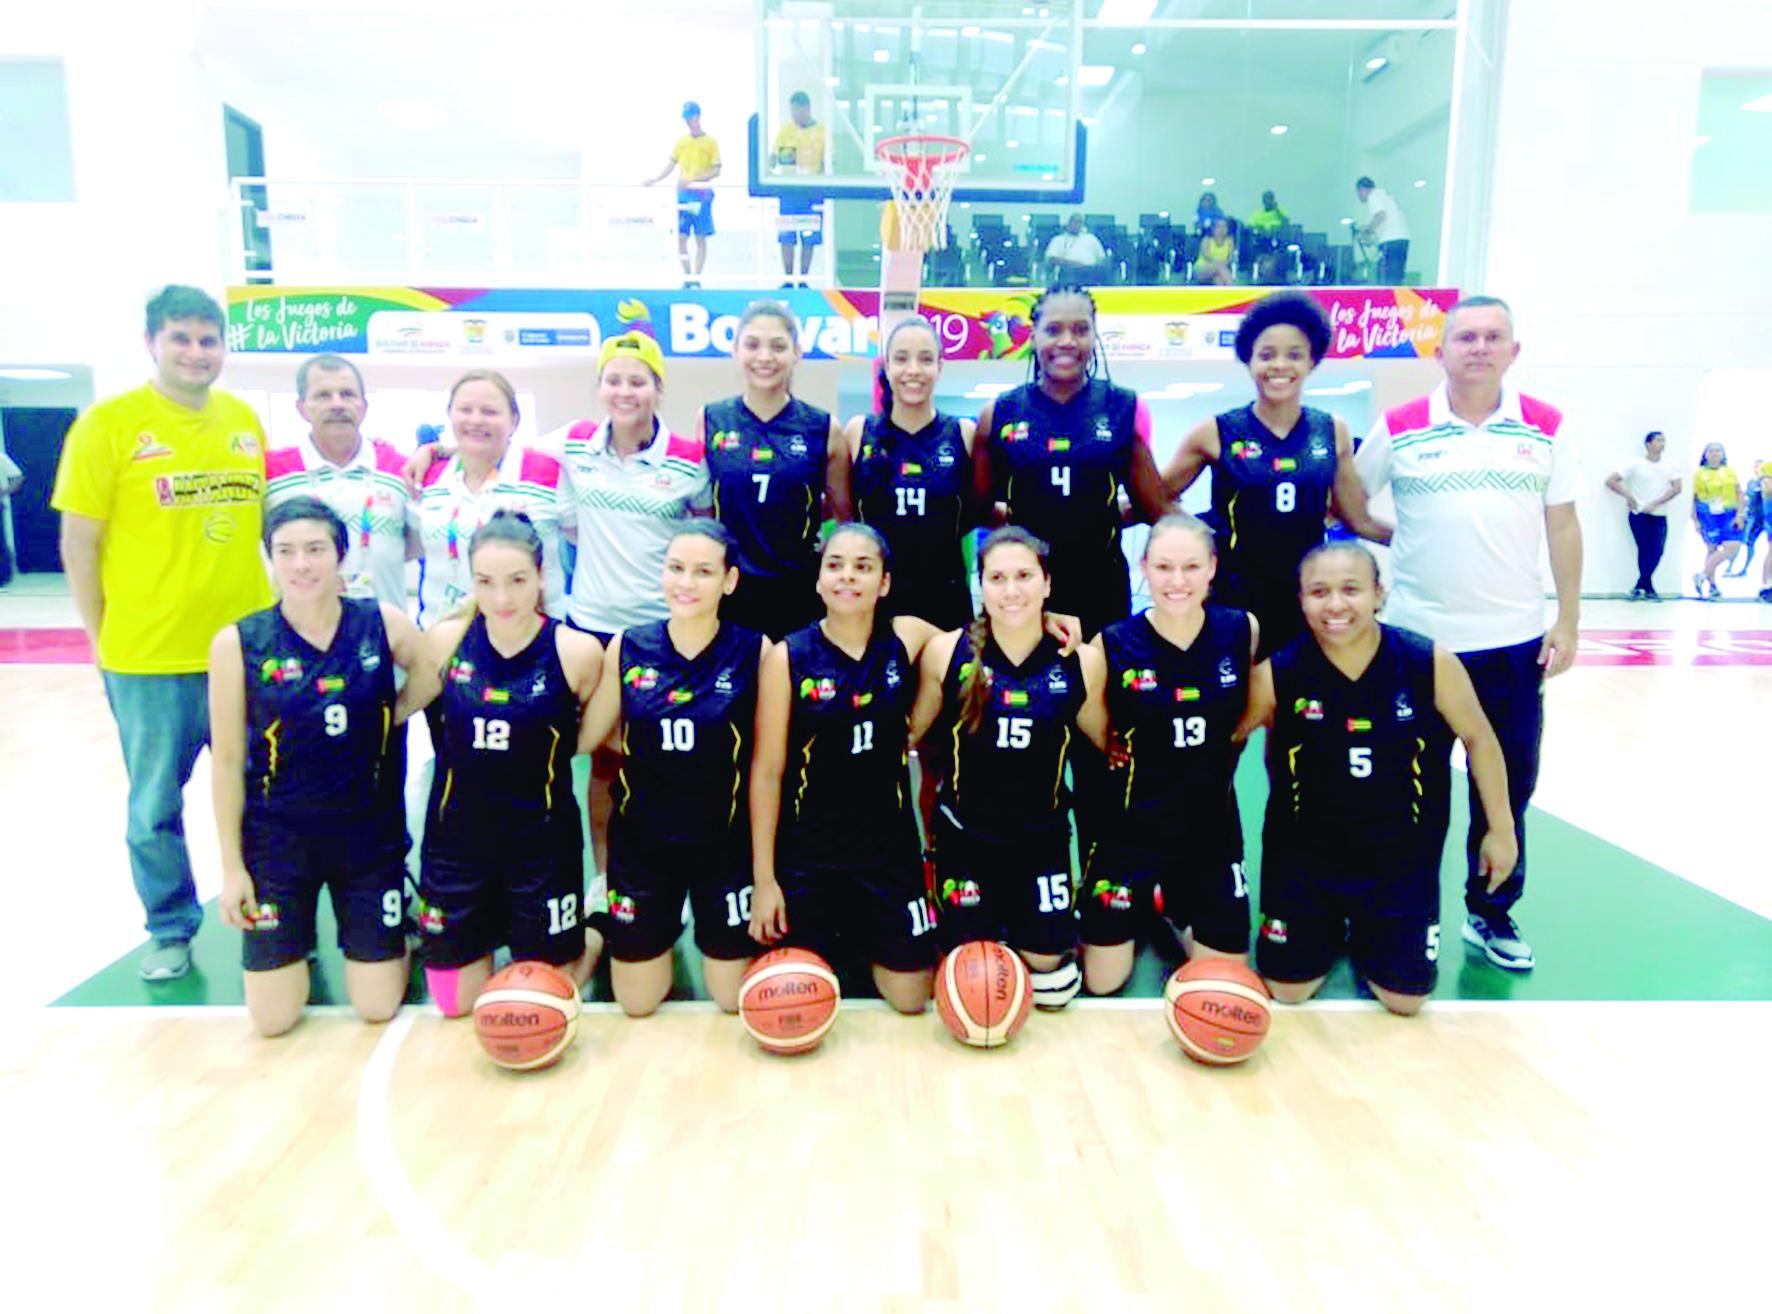 Baloncesto y Fútbol femenino comenzaron ganando | Local | Deportes | EL FRENTE